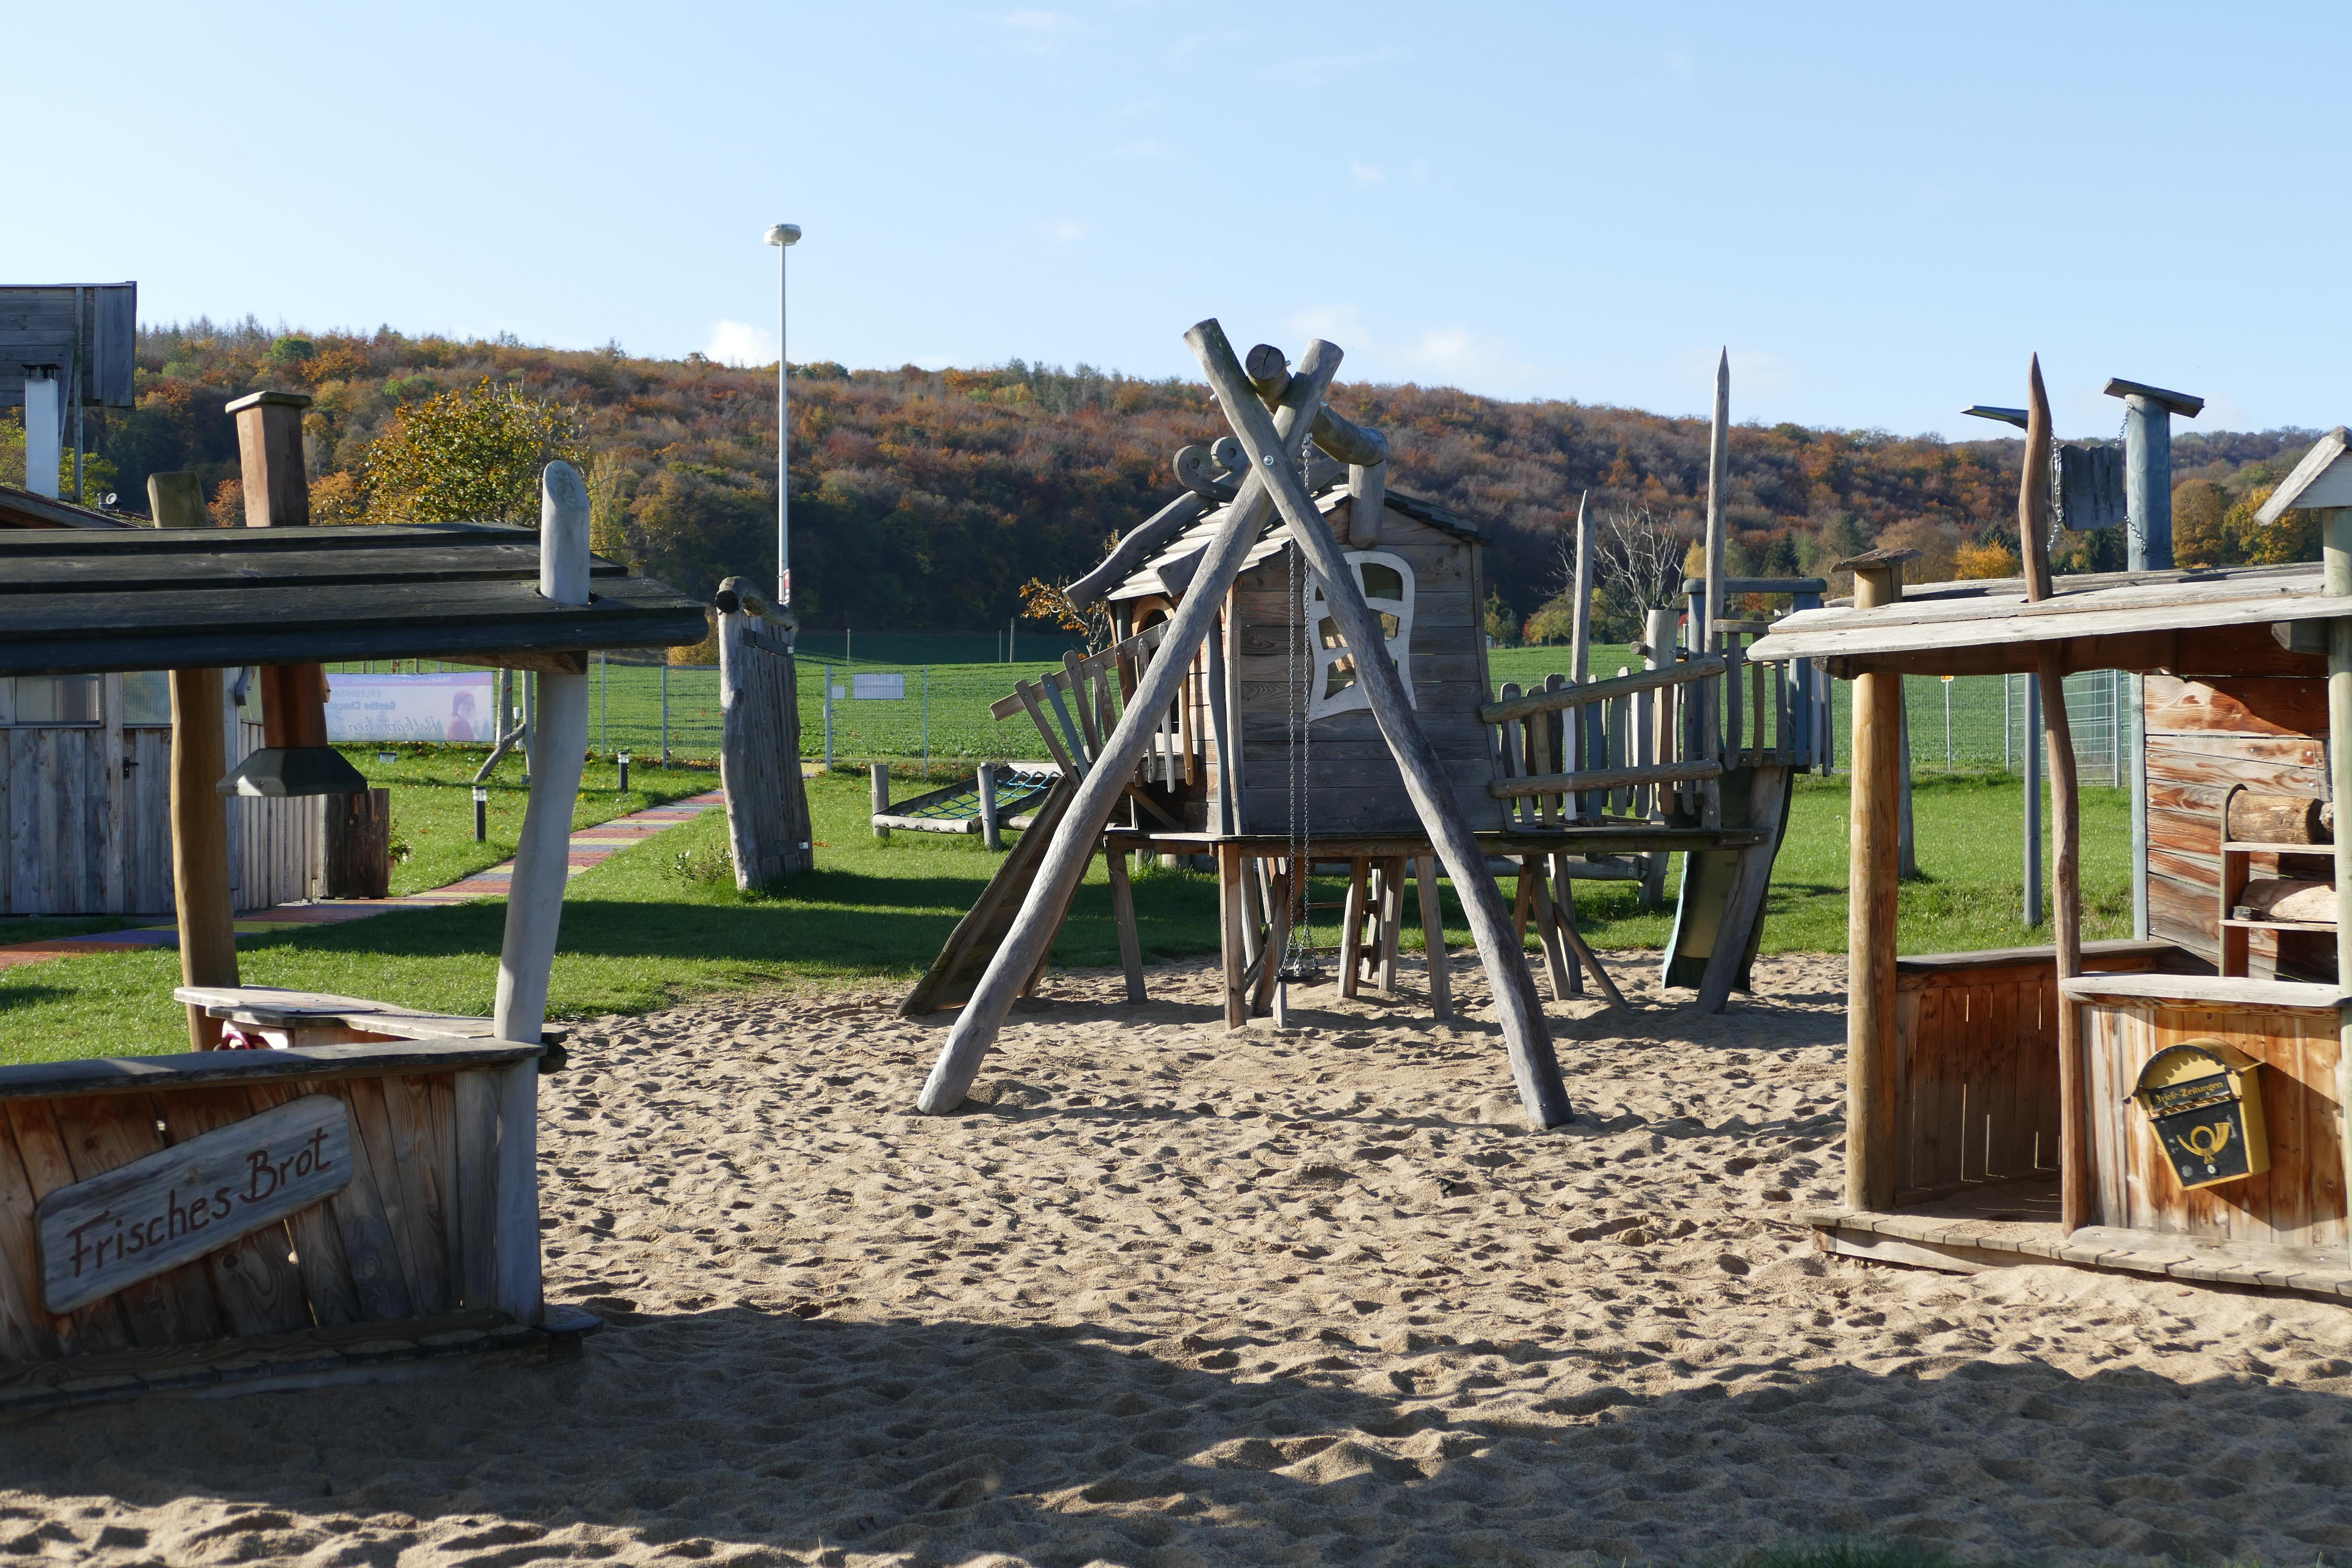 Erlebnisspielplatz der Goethe Chocolaterie & Schaumanufaktur, Quelle: Felicitas Bachmann, TLLLR